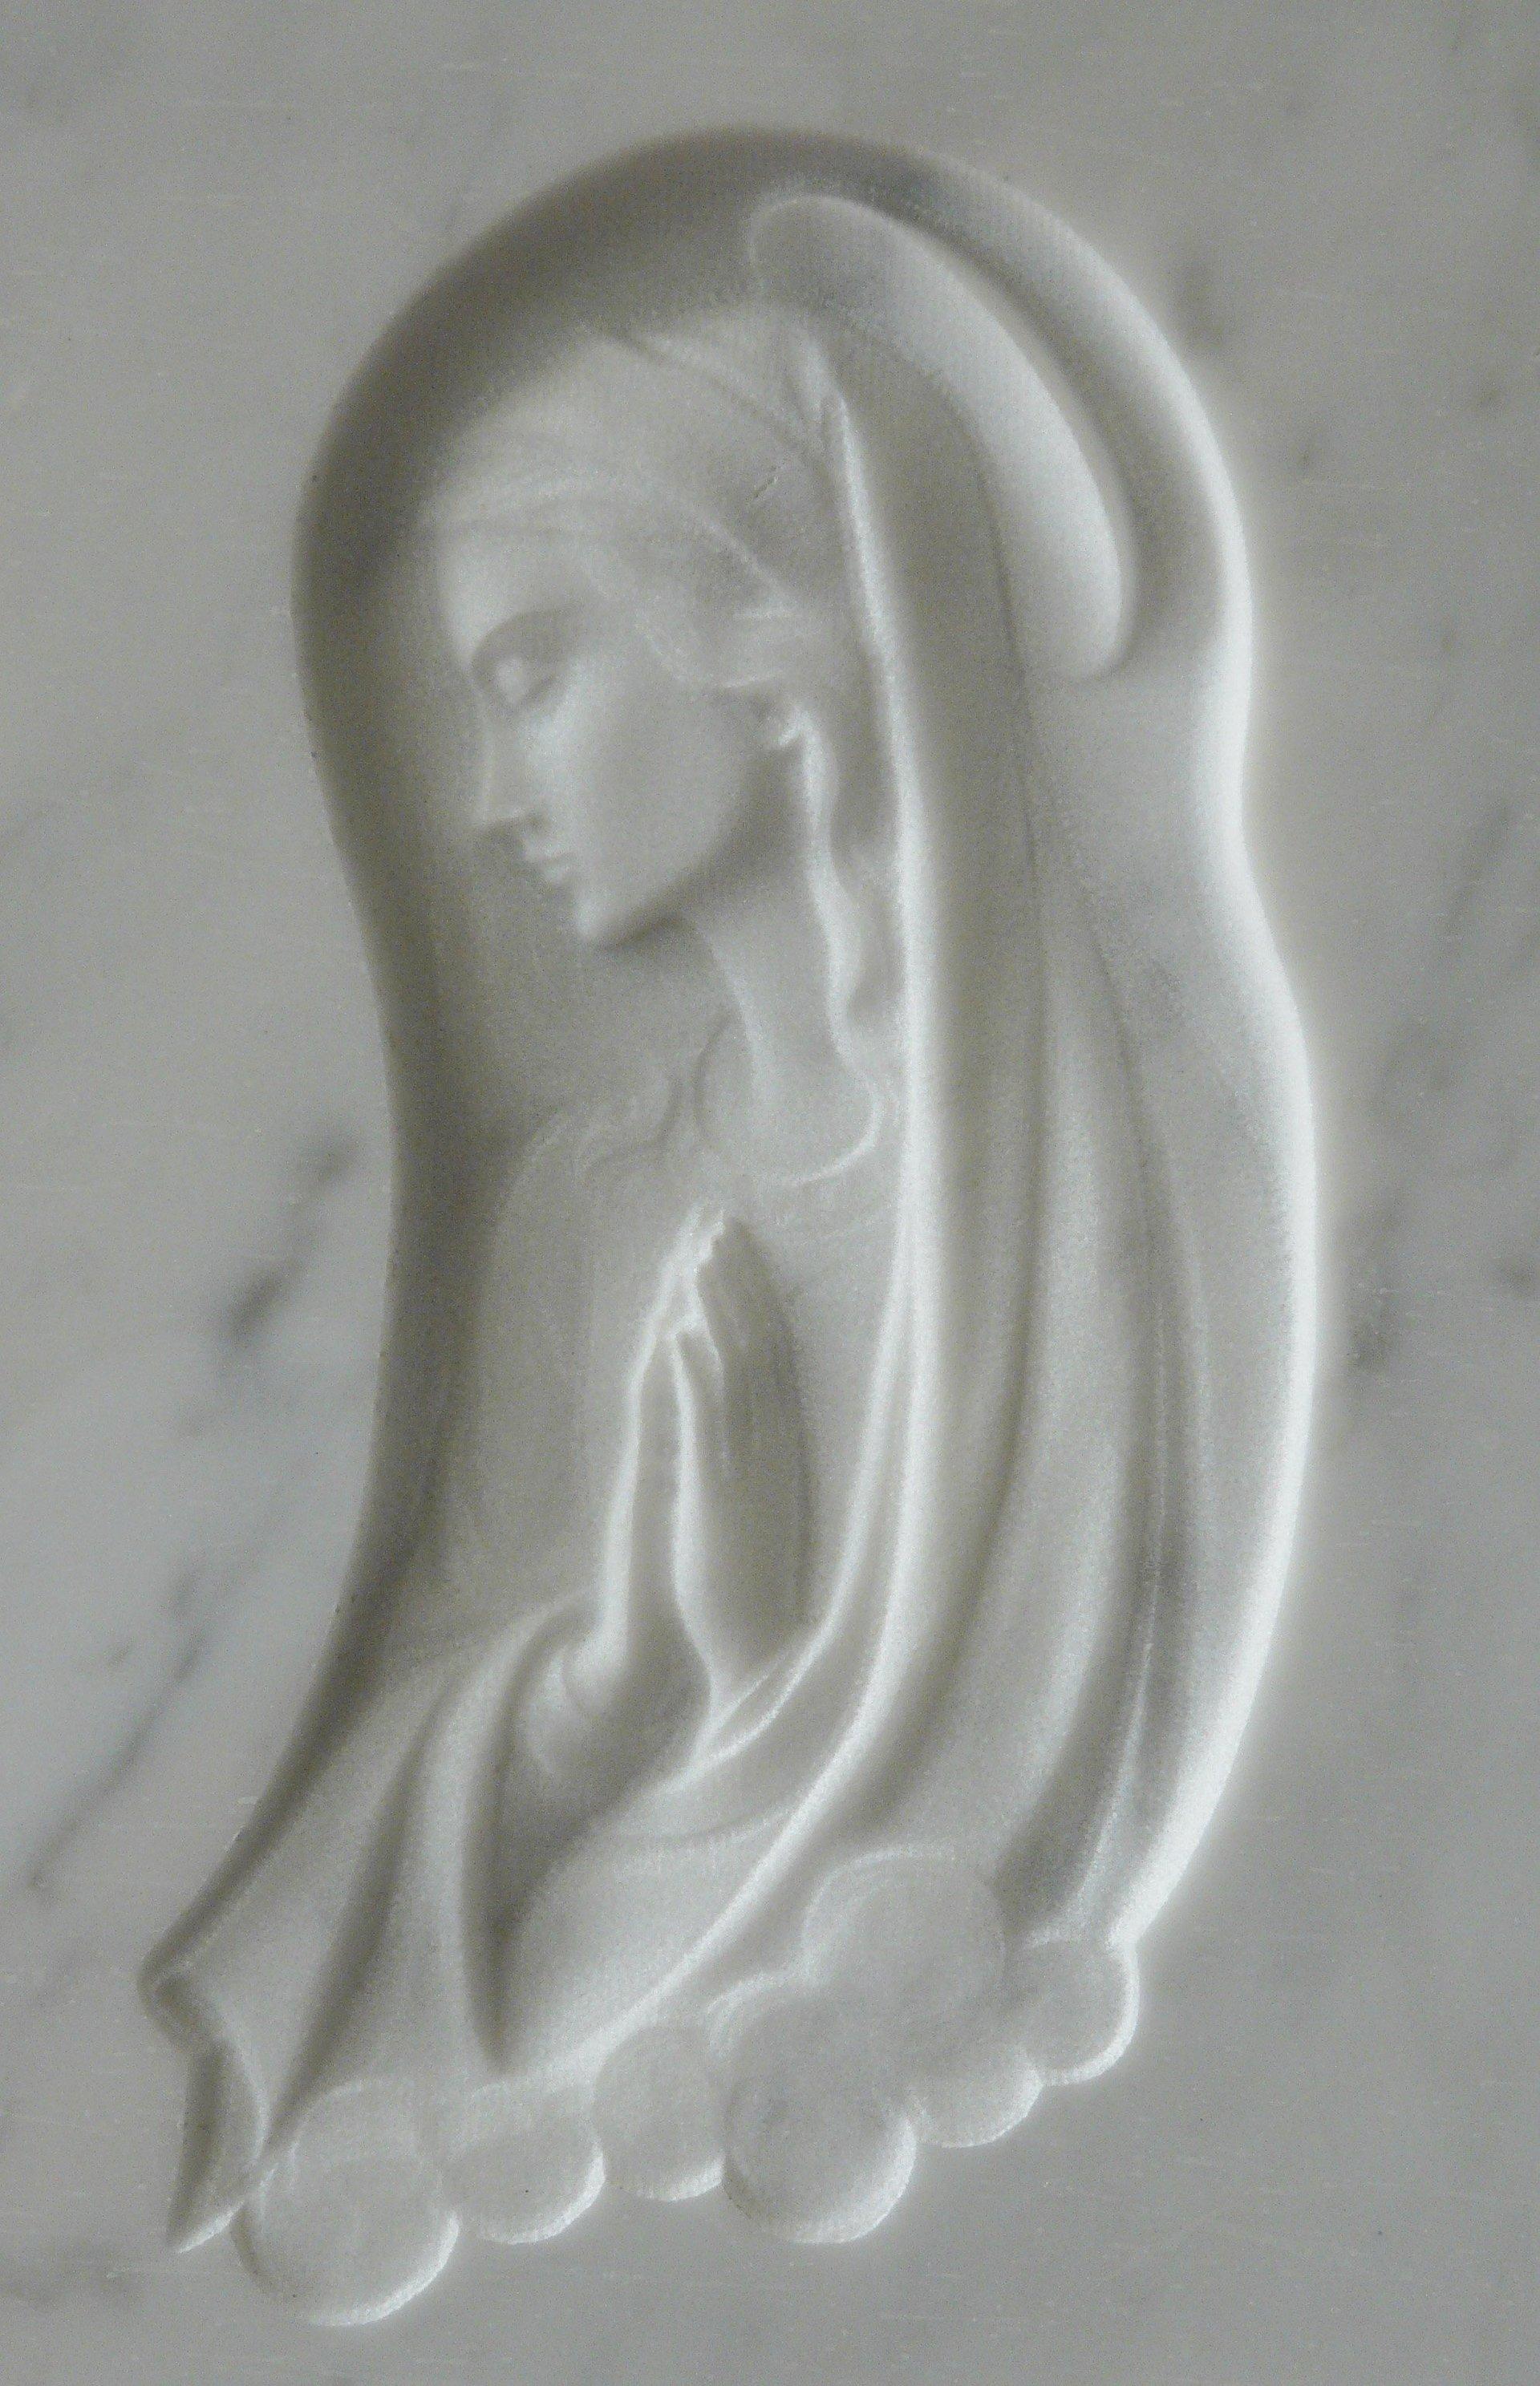 bassorilievo su marmo bianco rappresentante maria